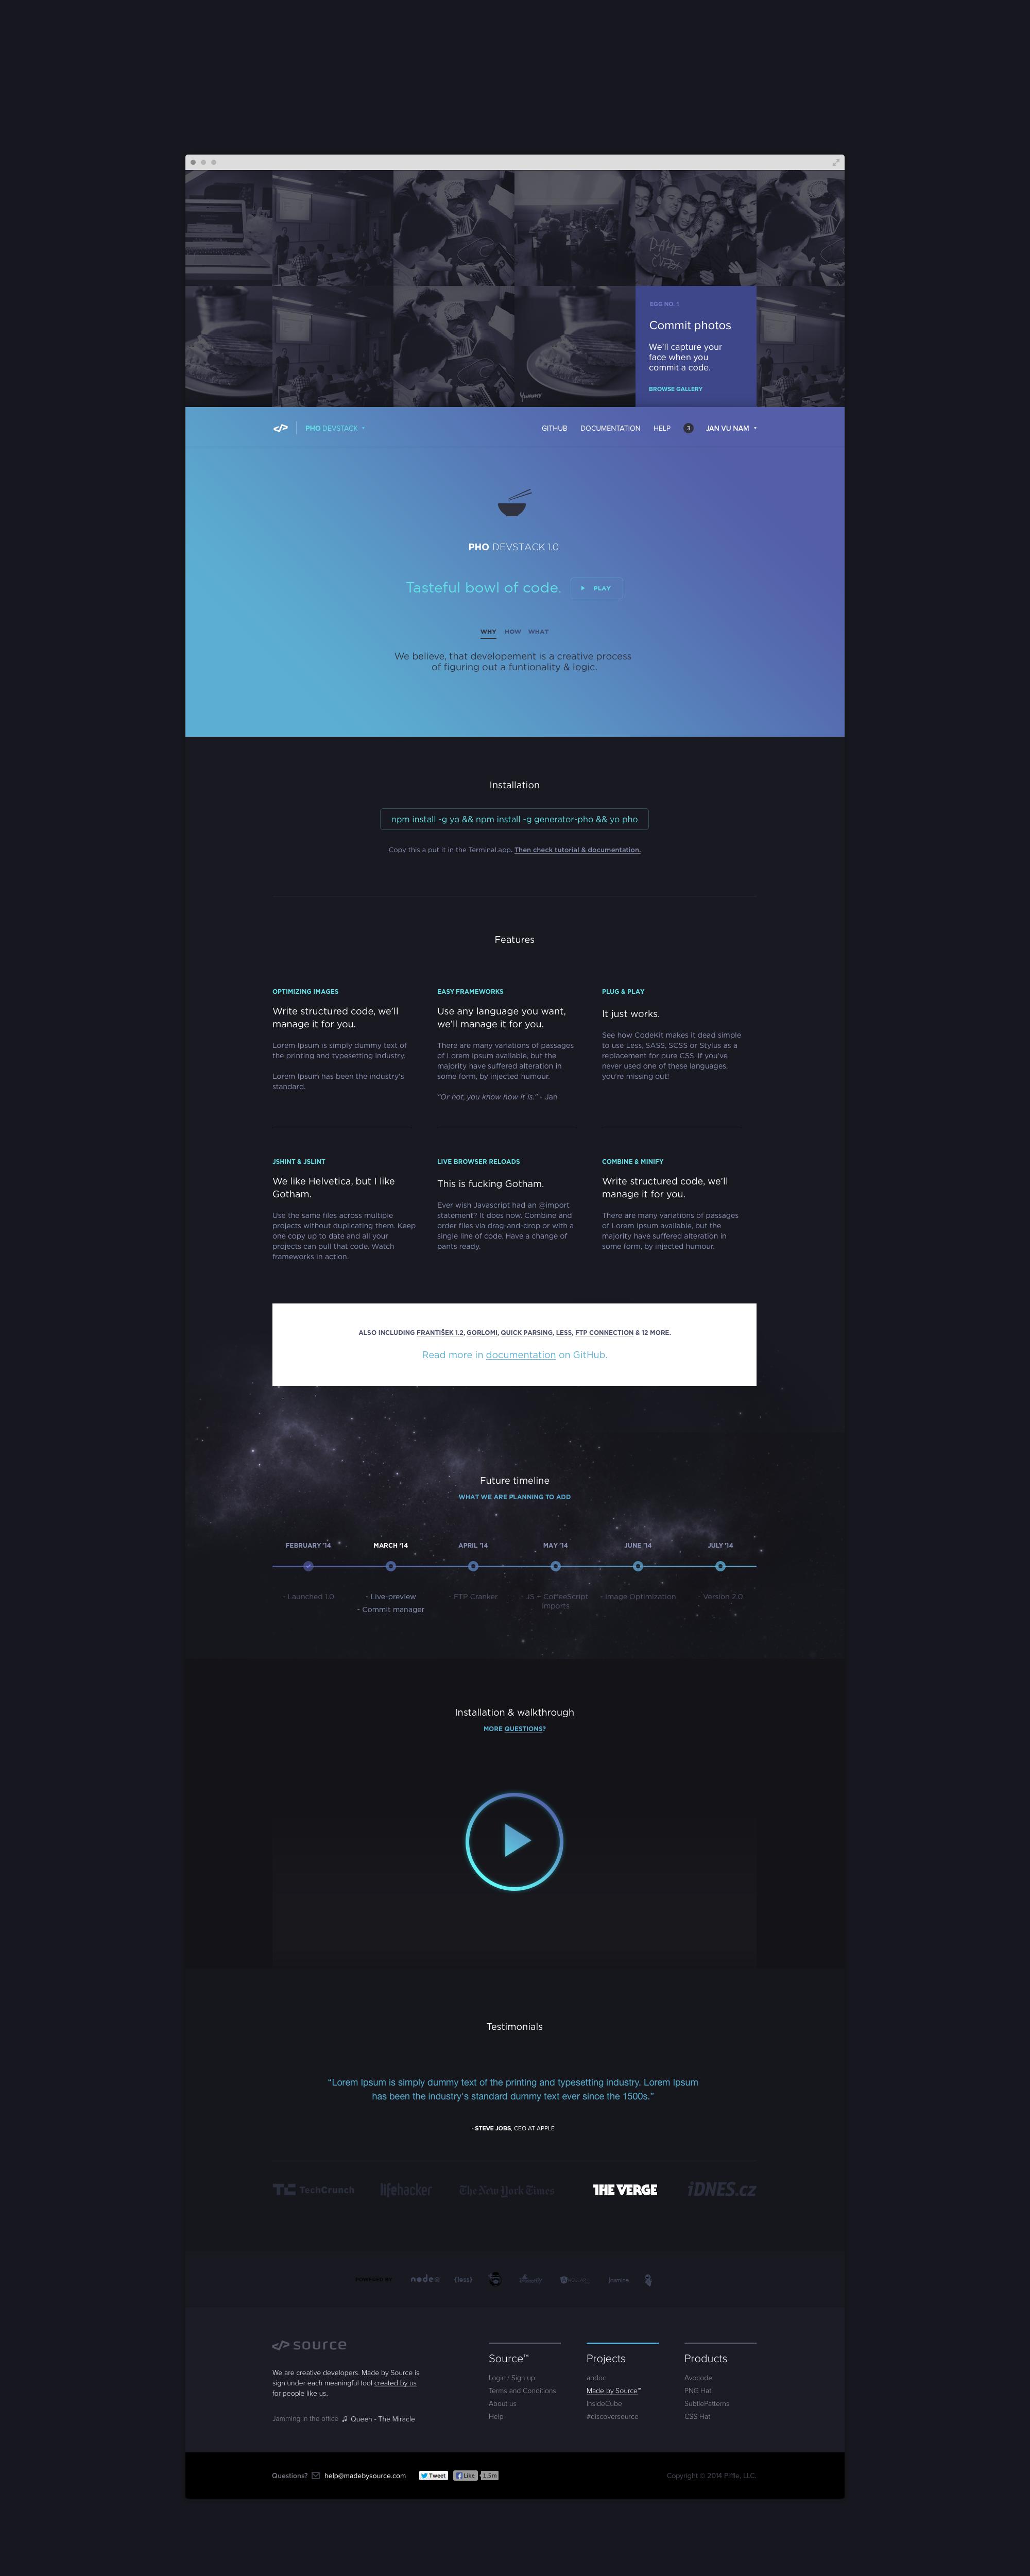 Pho Devstack by Jan Vu Nam for abdoc   Mobile, Web Design, UI & UX ...